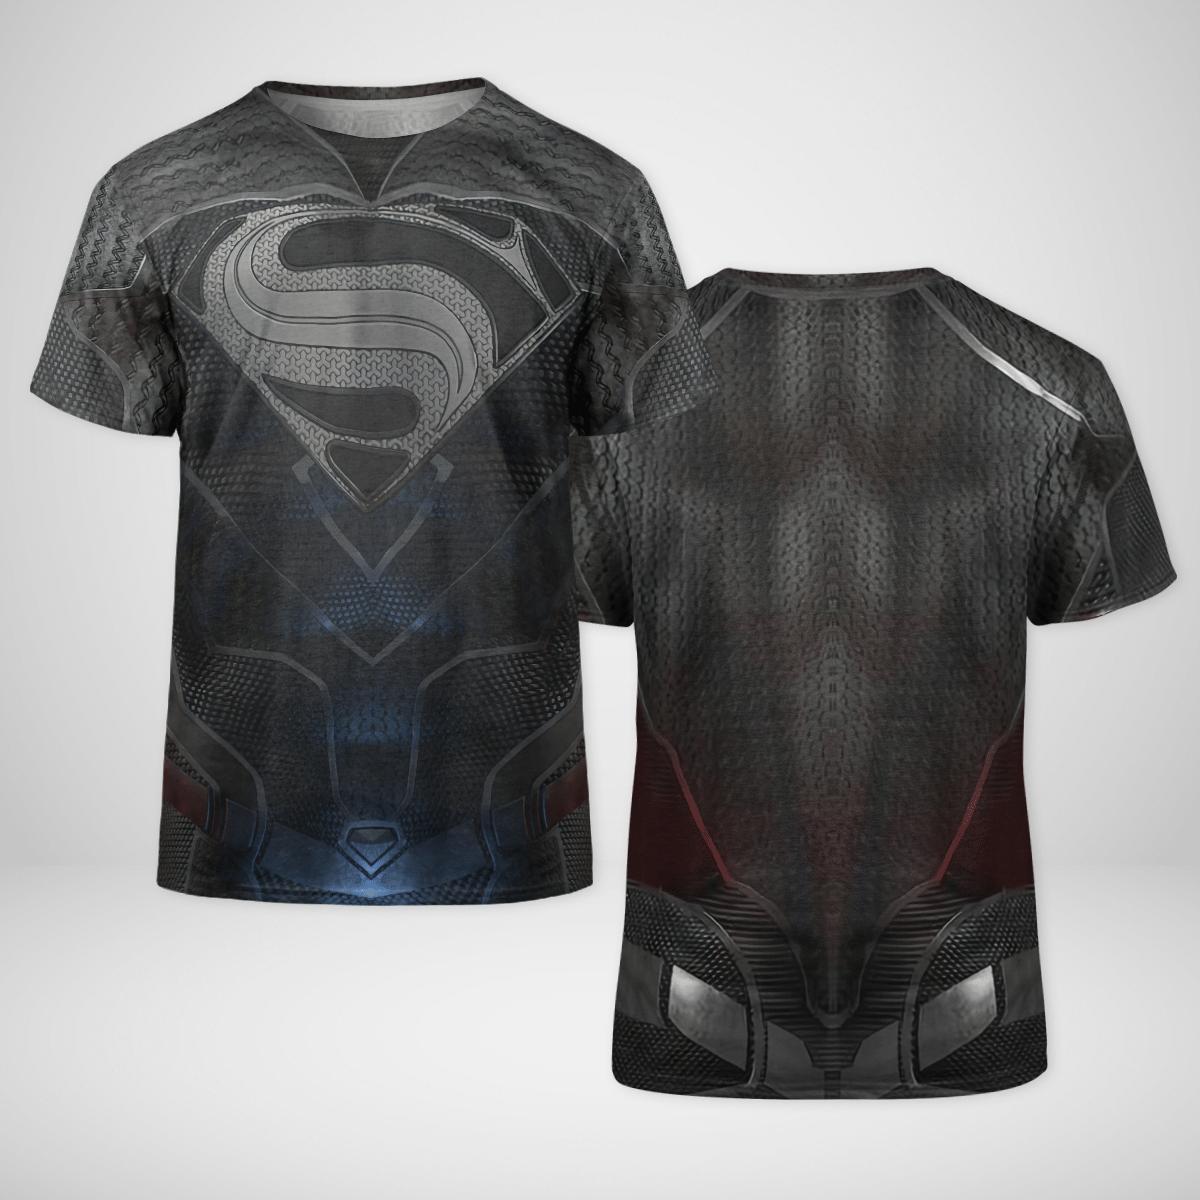 DC Black Superman Cosplay T Shirt 3D